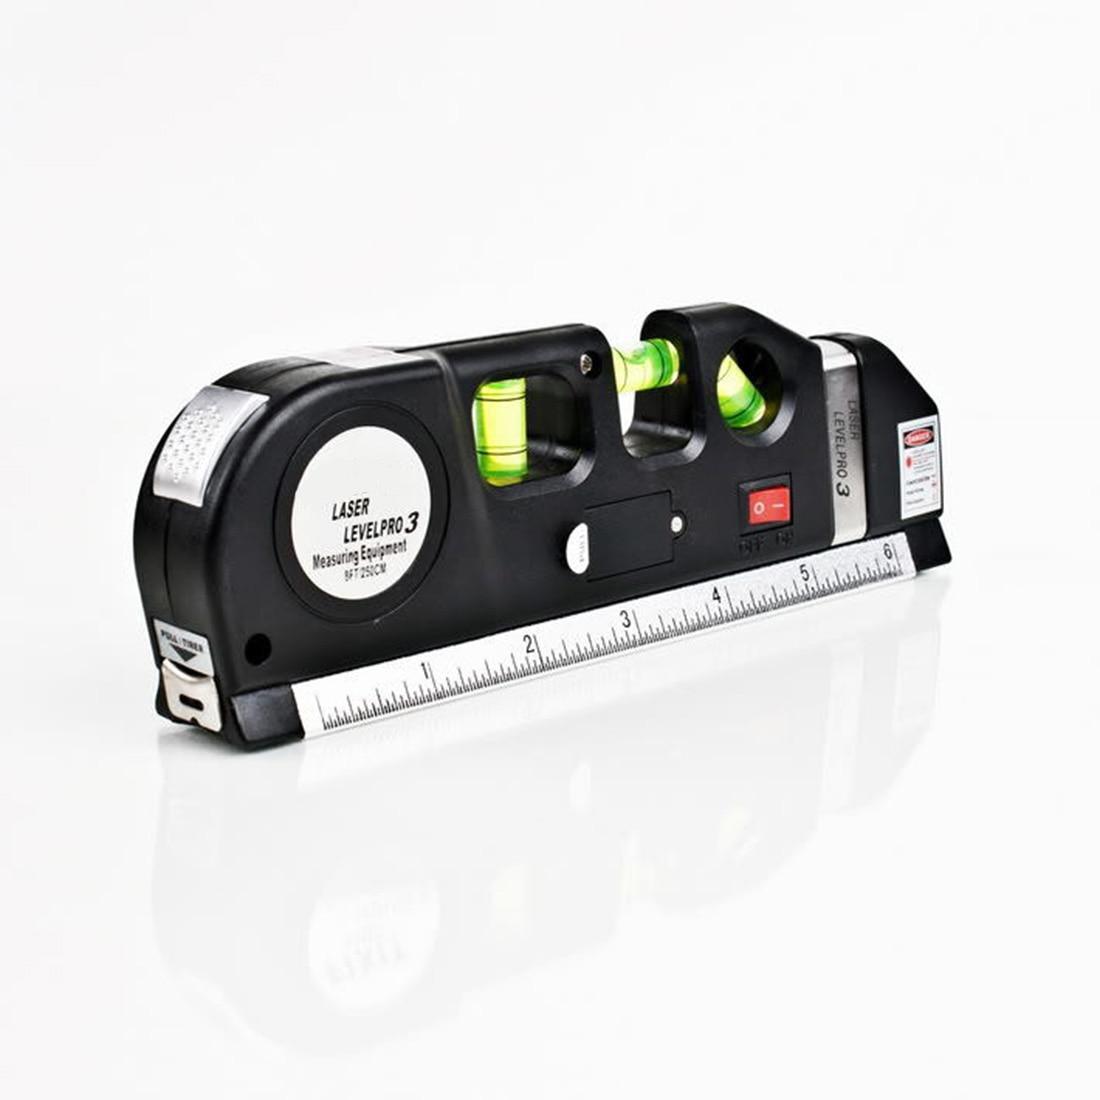 Mehrzweck Level Laser Horizon Vertical Maßband 8FT Aligner Blasen Lineal-werkzeug Mehrzweck Messen Level Laser